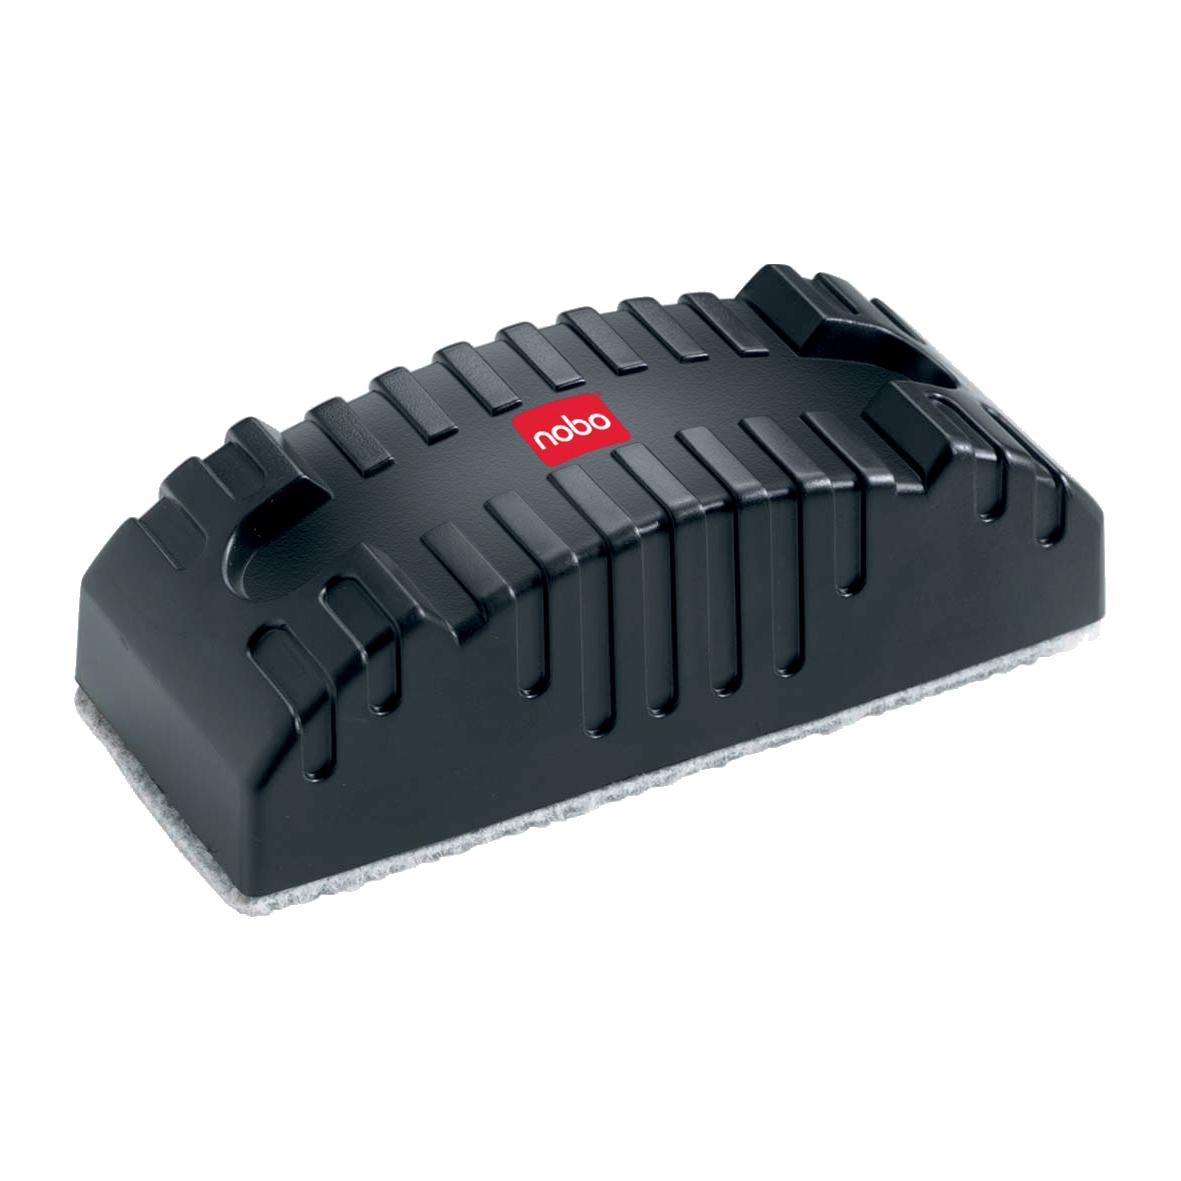 Cleaning / Erasing Nobo Magnetic Drywipe Eraser Ref 34533421